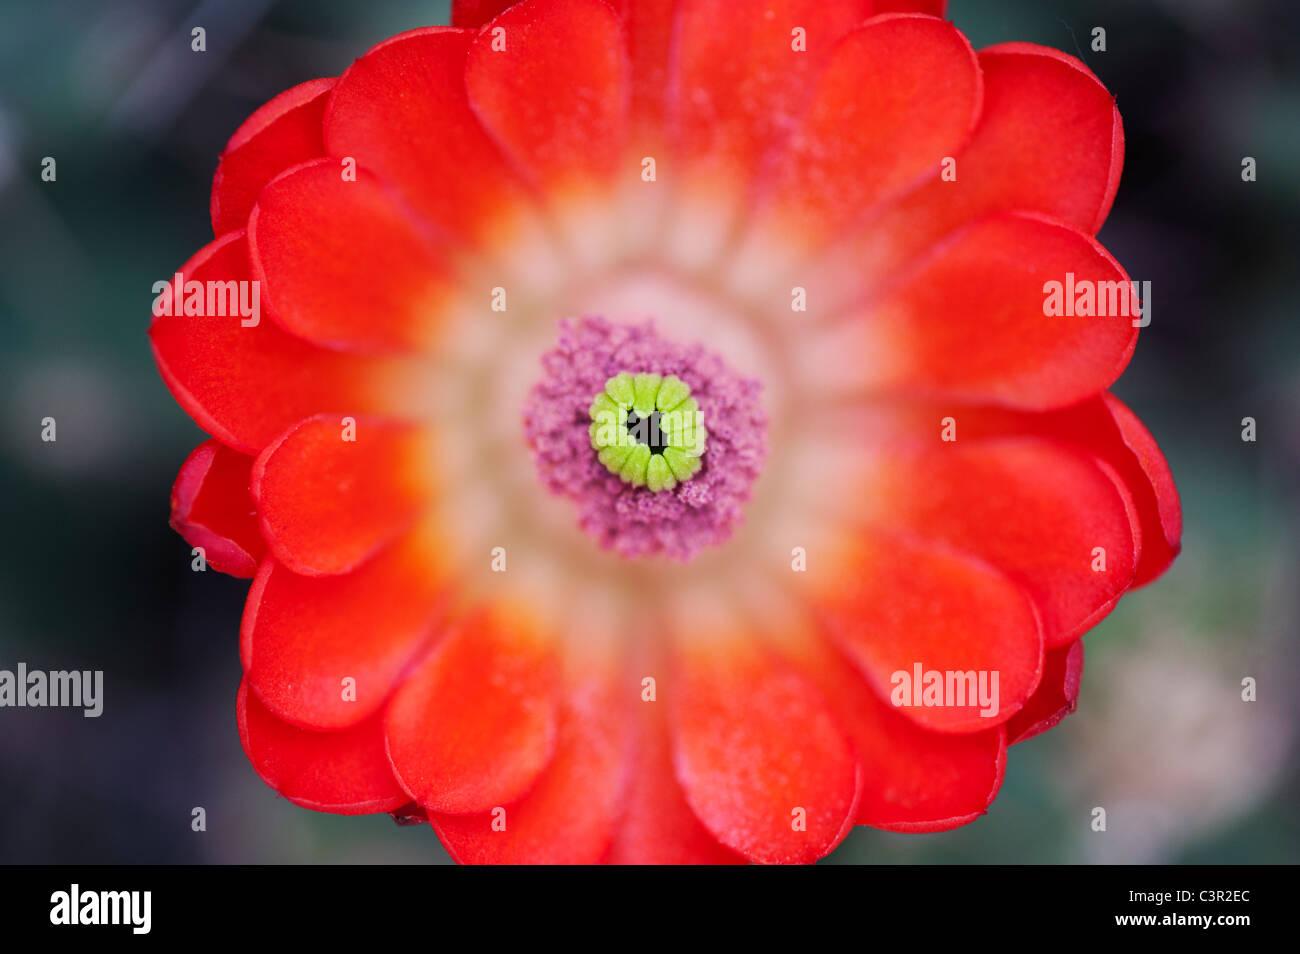 Echinocereus Triglochidiatus 'Otacanthus'. Hedgehog cactus flower - Stock Image